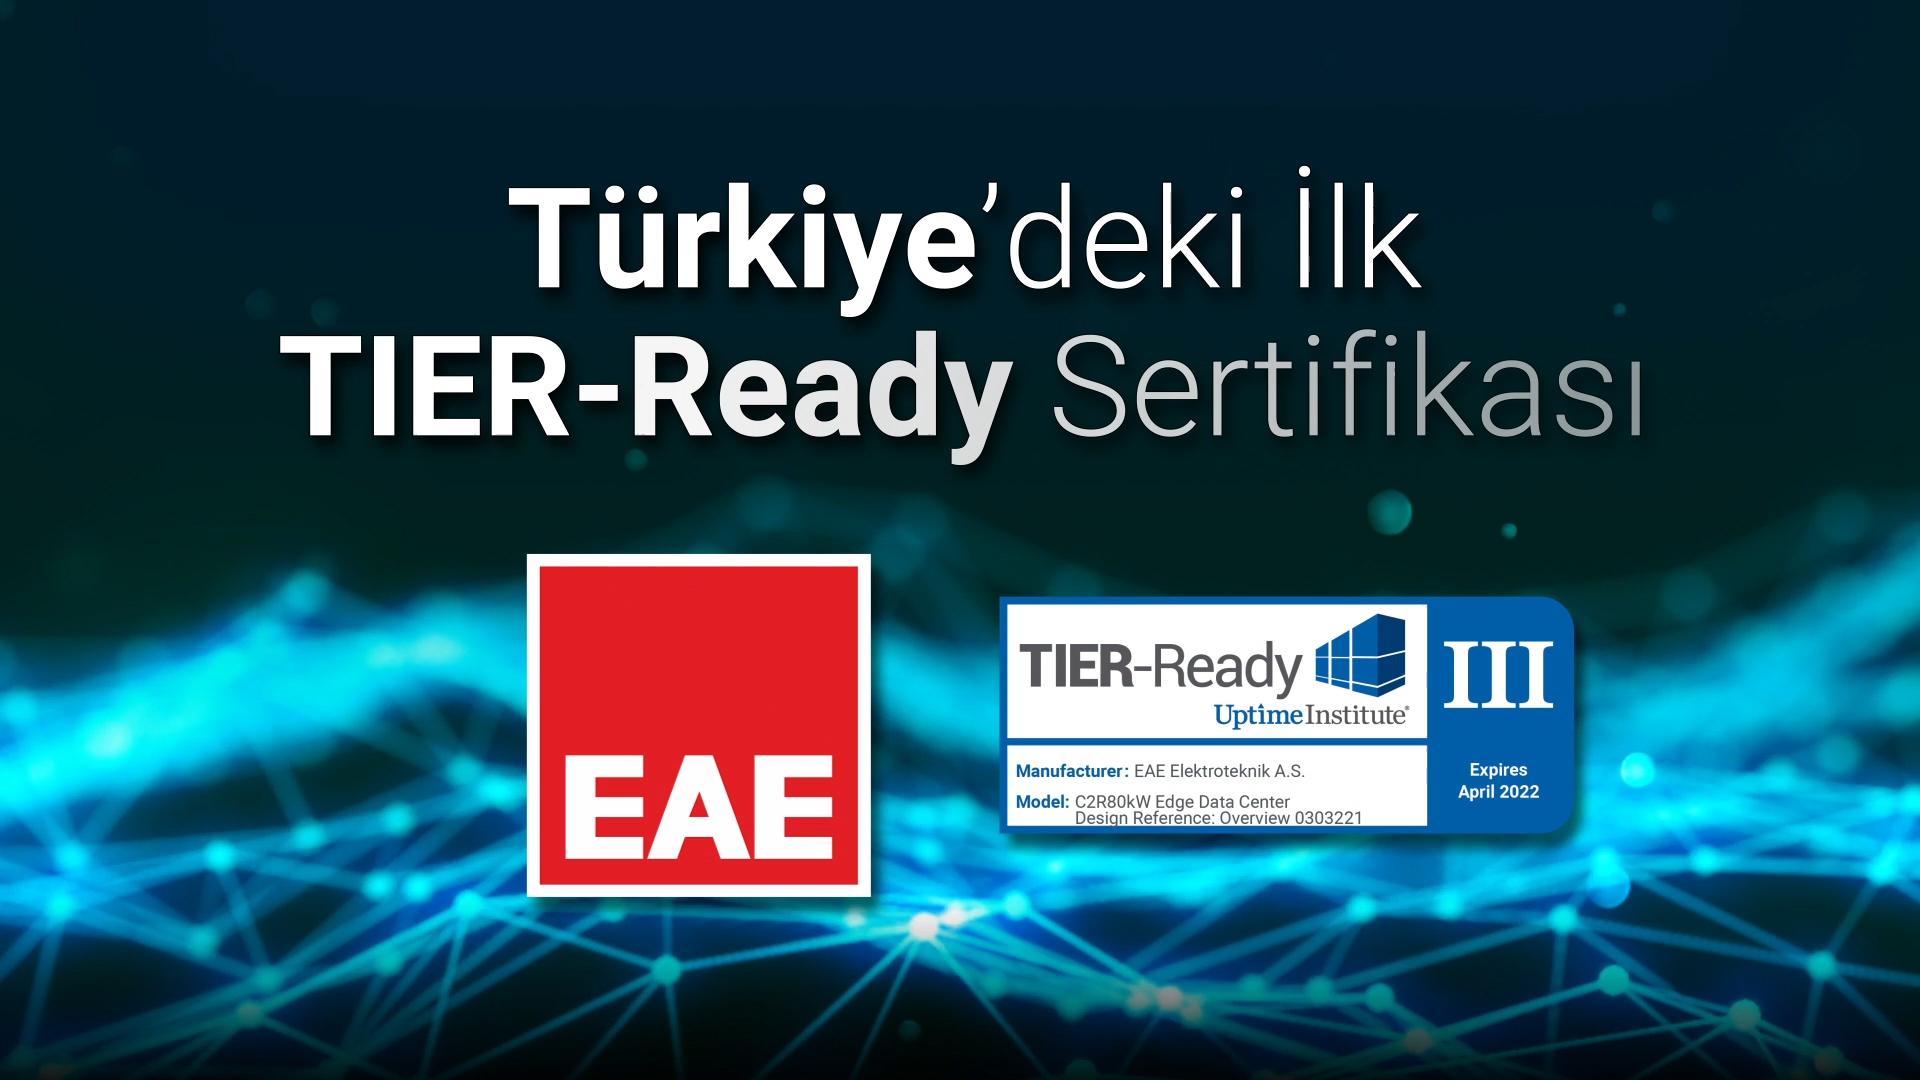 Türkiye'deki İlk TIER-Ready Sertifikası